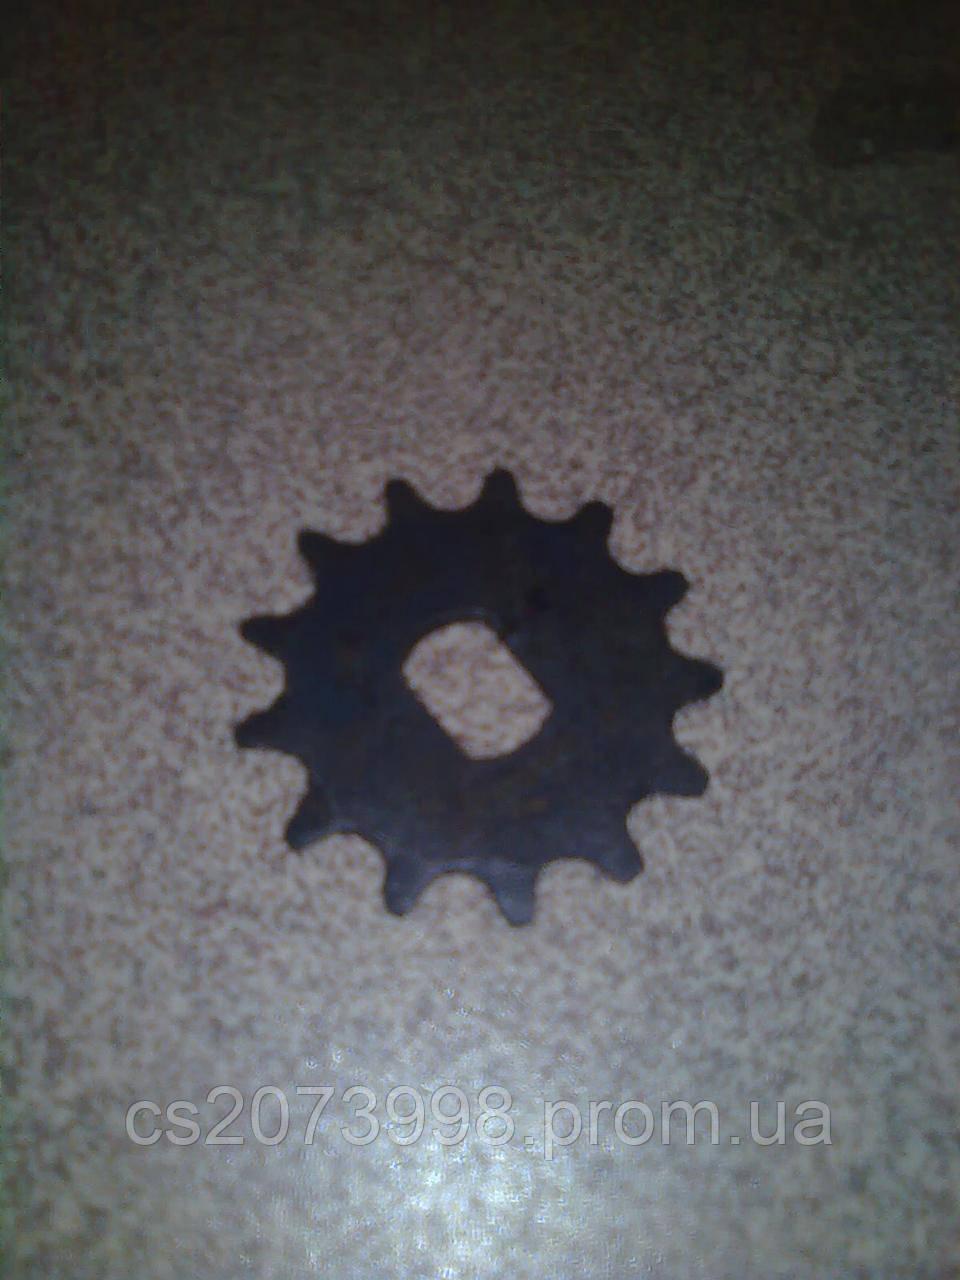 Велозвездочка верхнего вала Н 126.13.401